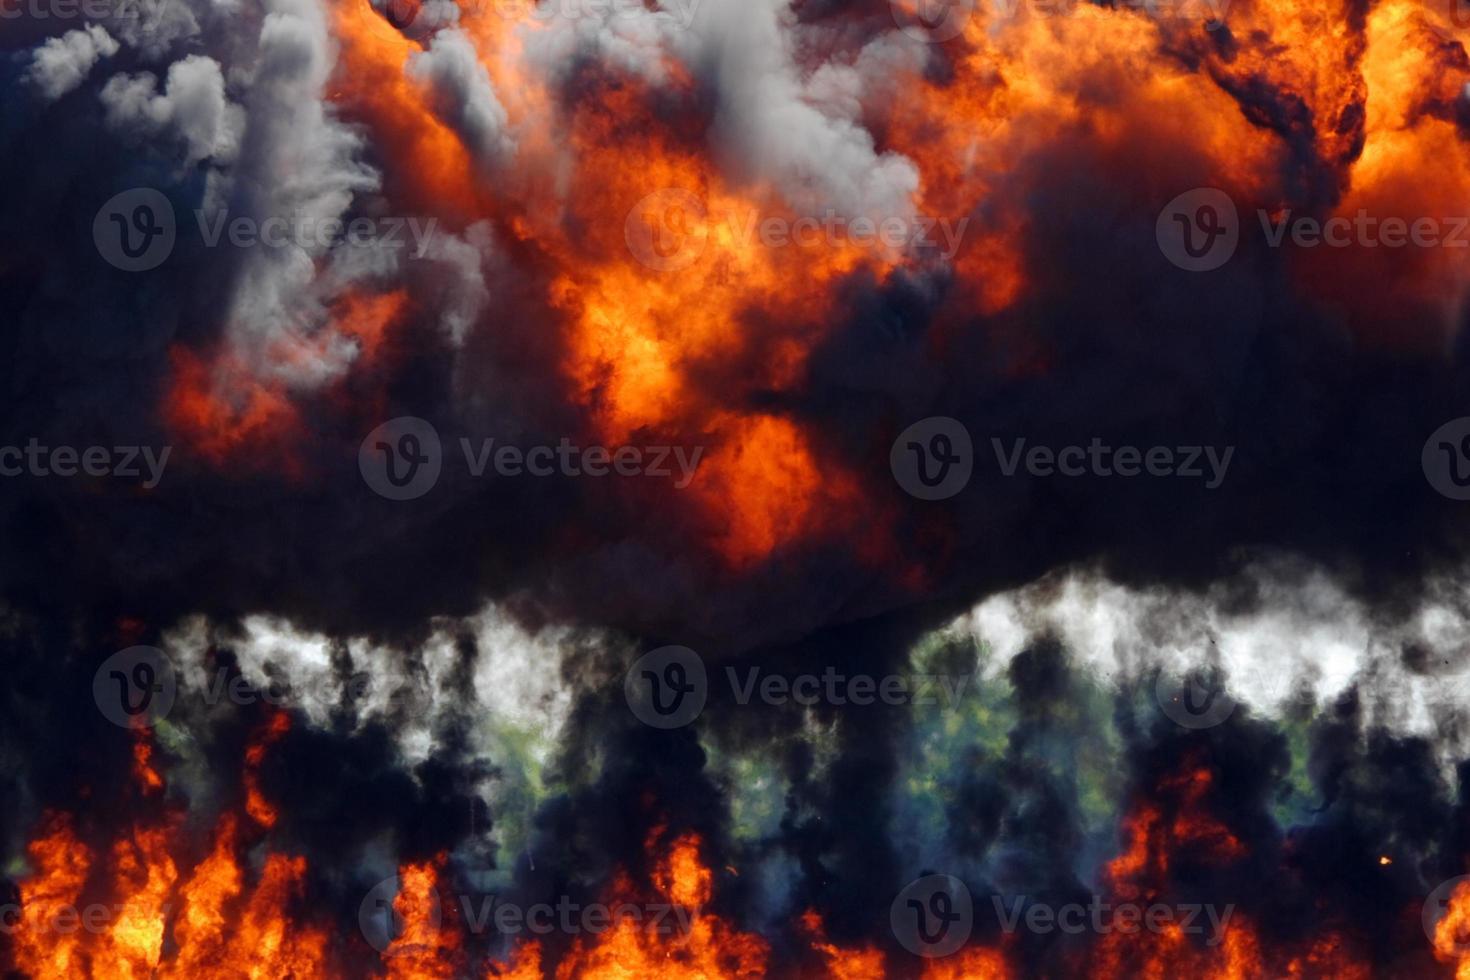 tjock svart rök stiger upp från en flammande explosion foto